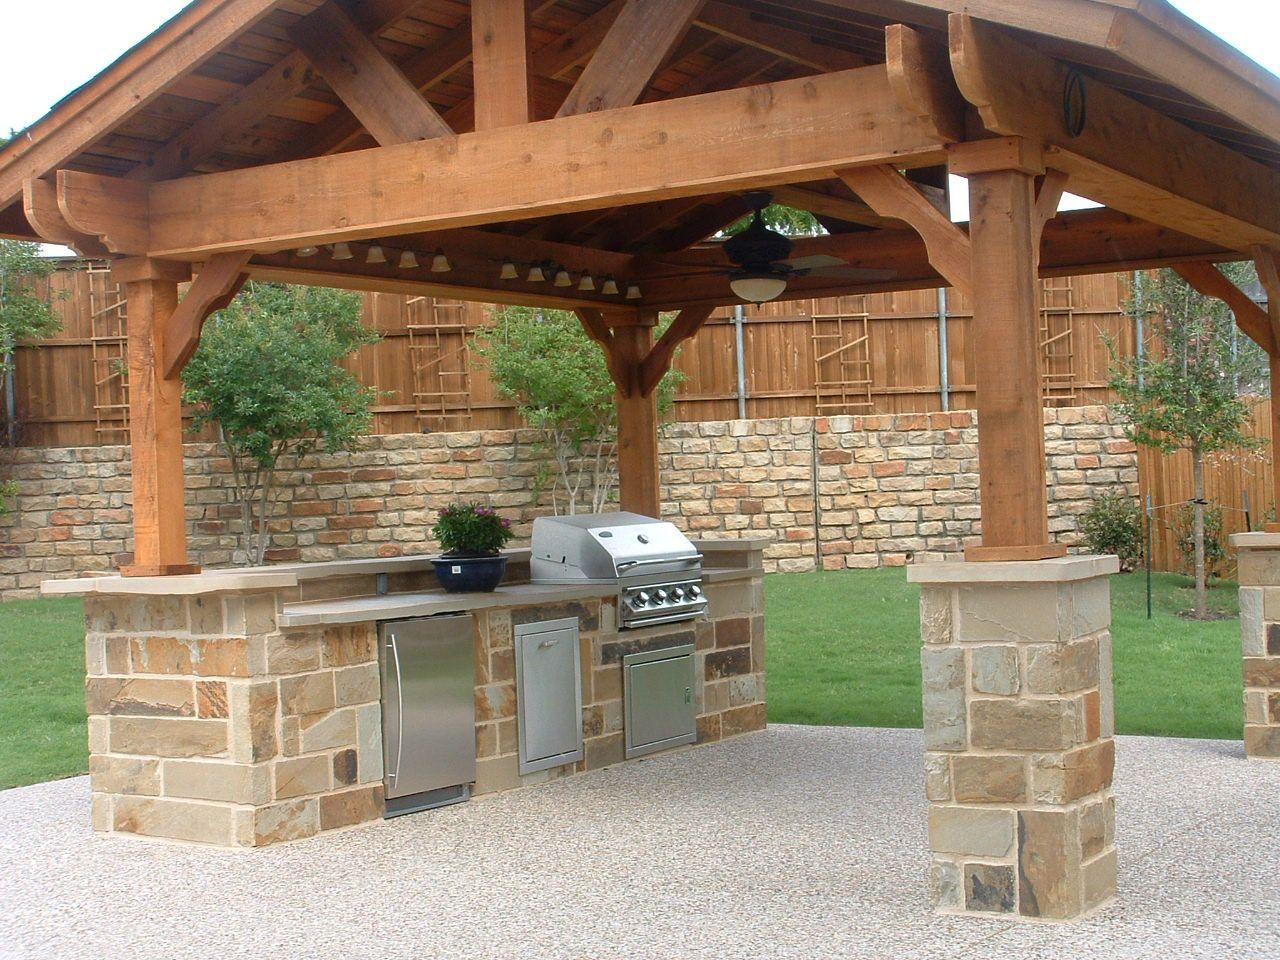 Amazing Outdoor Kitchen Ideas In 2020 Build Outdoor Kitchen